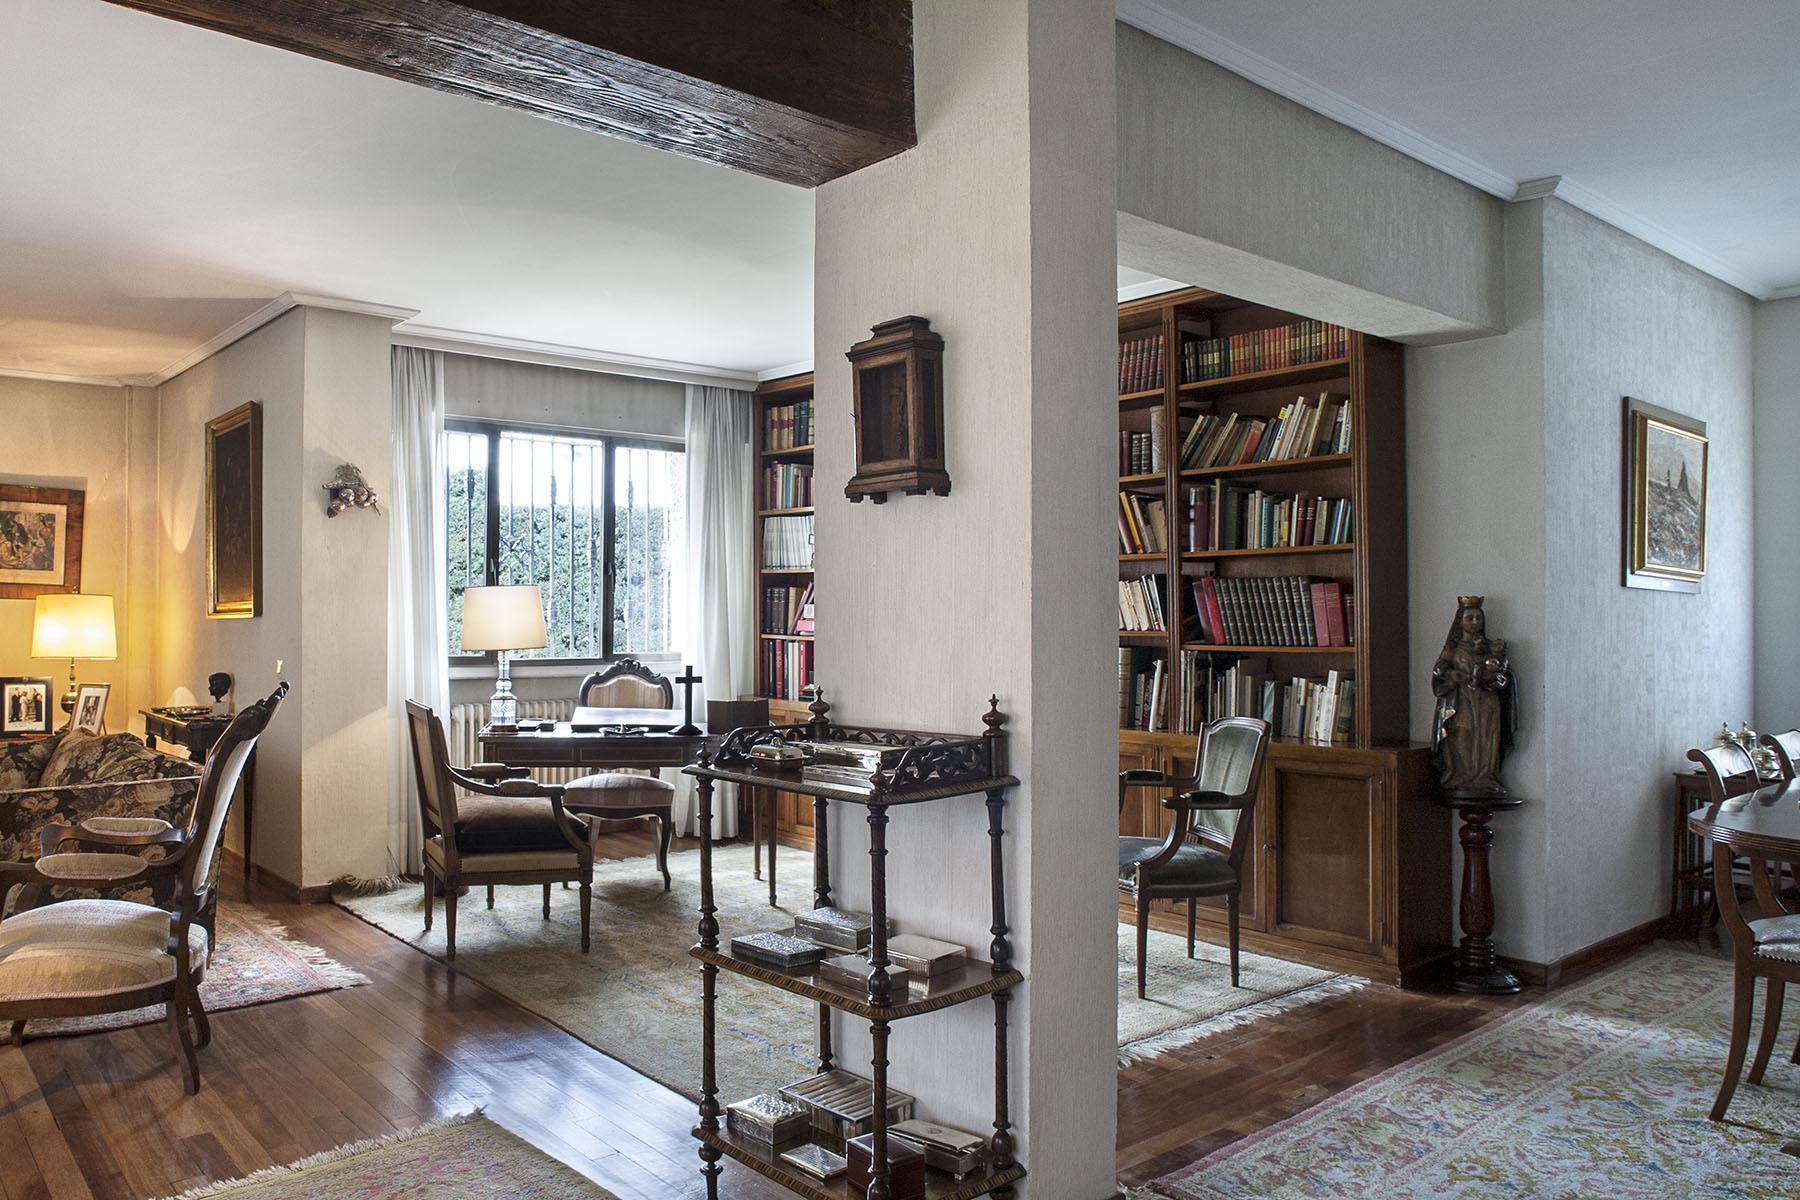 独户住宅 为 销售 在 magnifica propiedad en Pozuelo 马德里, 马德里, 西班牙